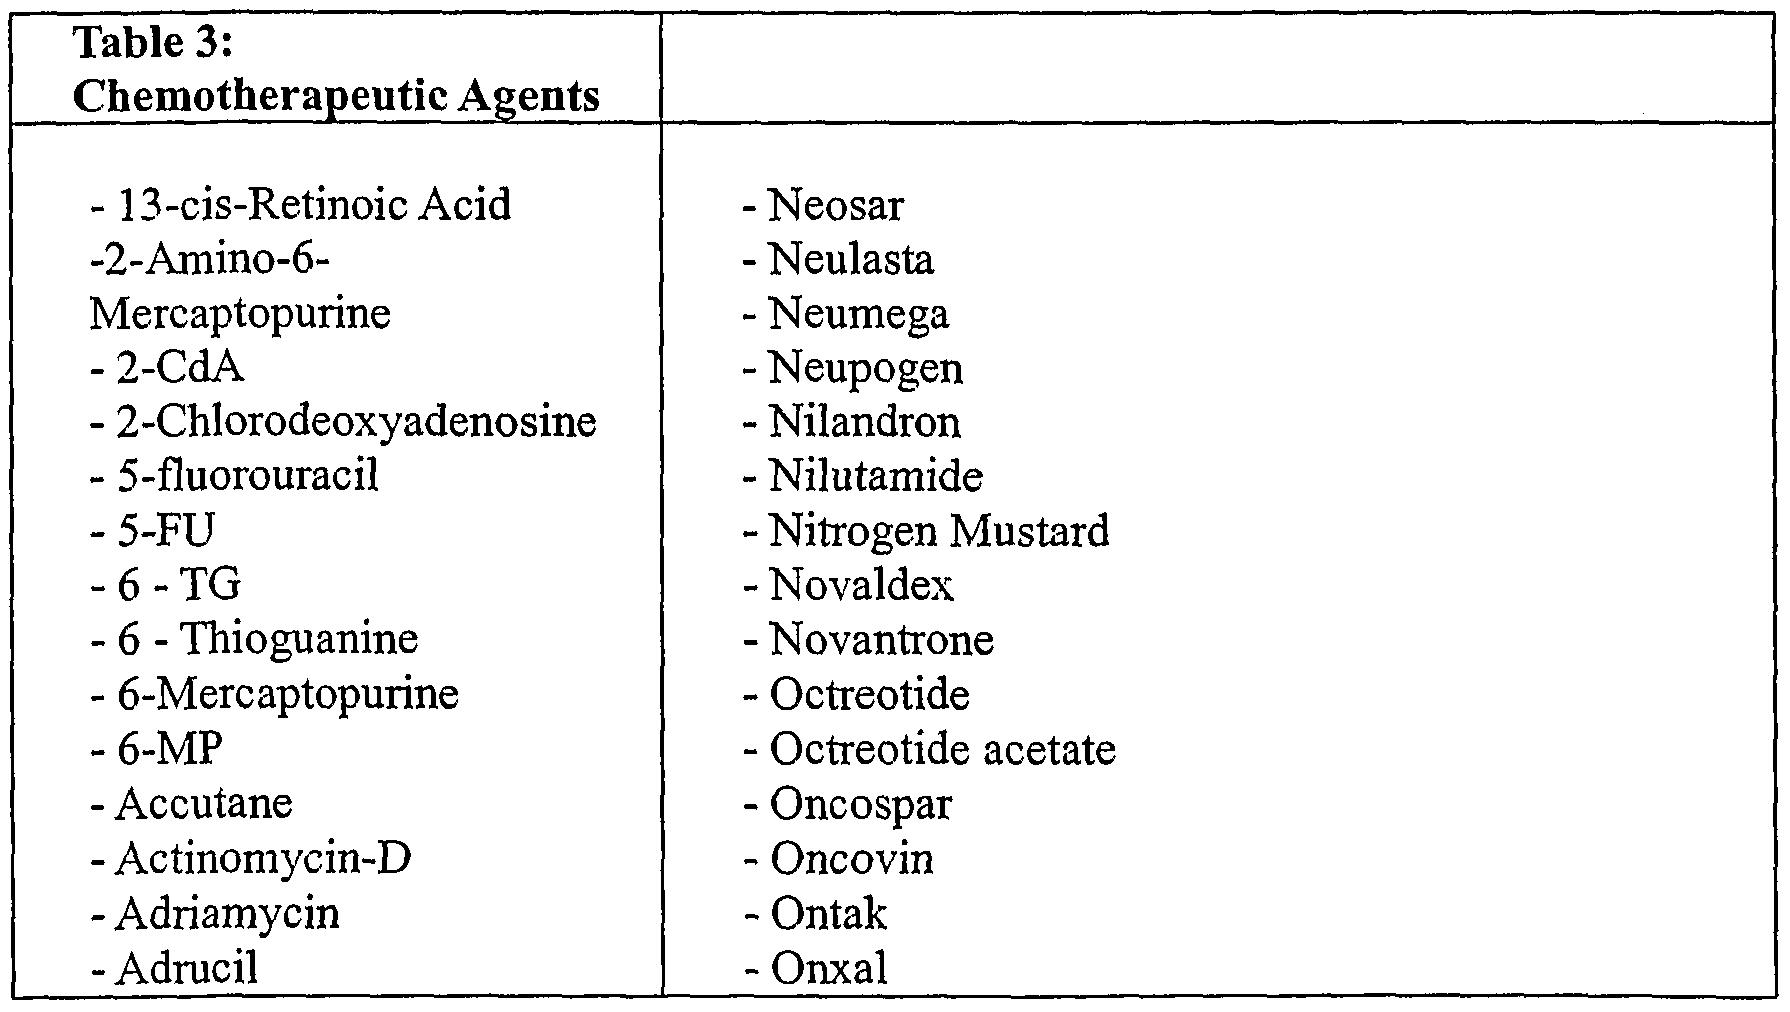 prelone steroid